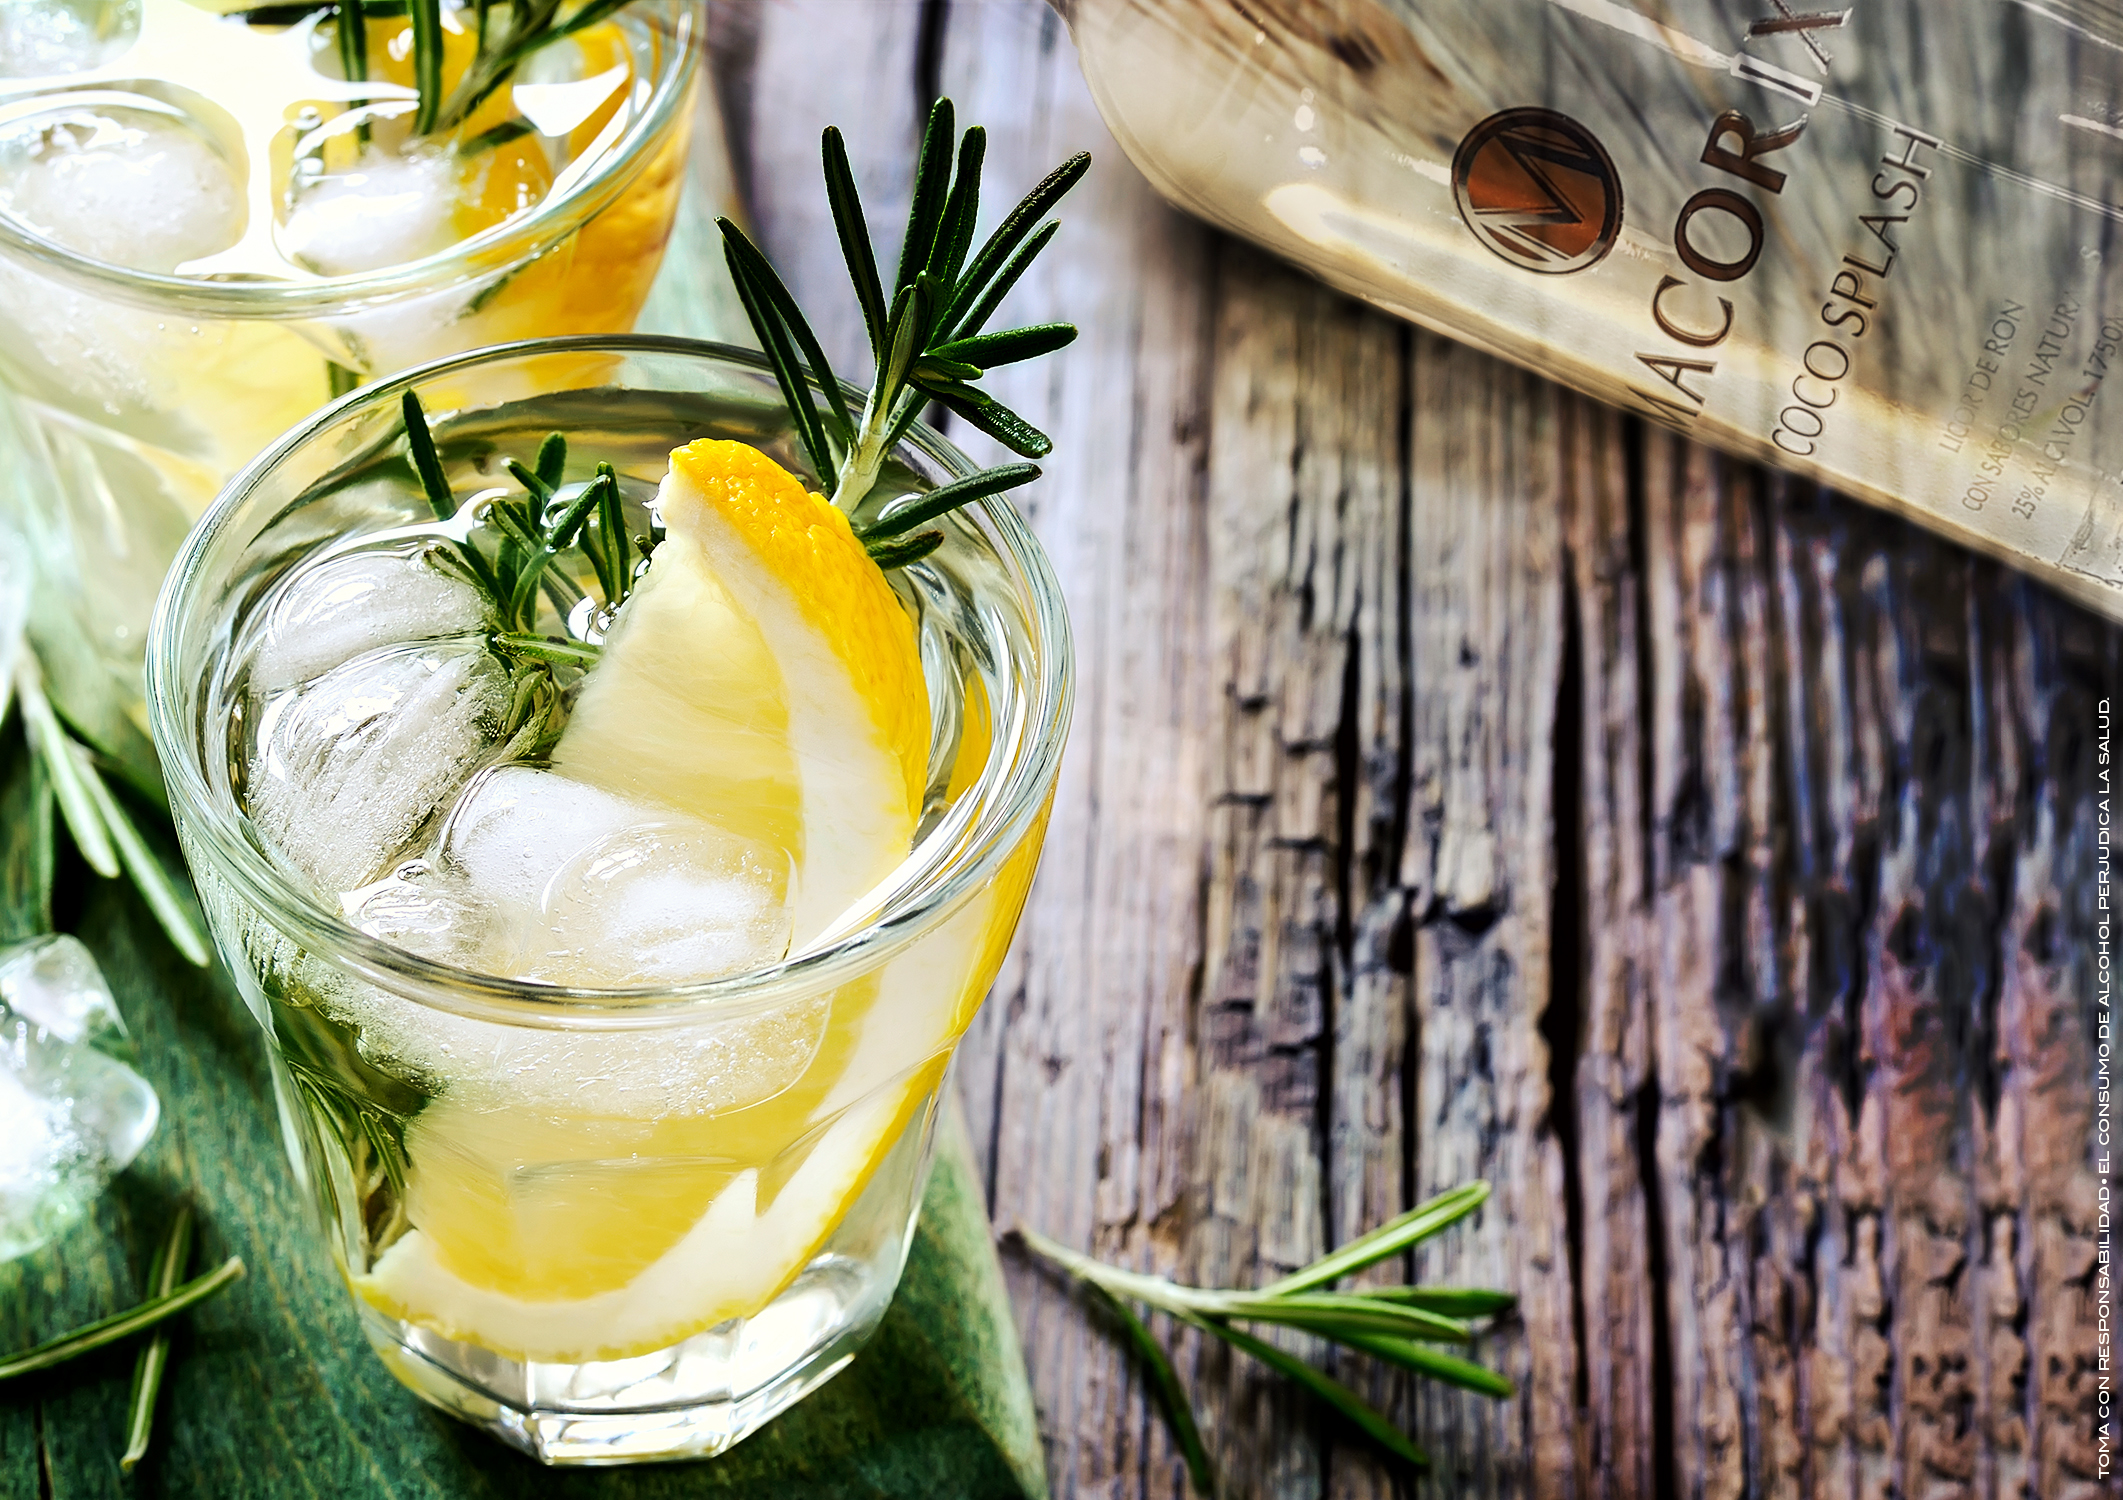 Coconut Splash - INGREDIENTES1 onza de Macorix Coco Splash3 onzas de jugo de limón1/2 onza de granadinaPREPARACIONAgita el ron y el jugo de limón y vierte en un vaso alto con hielo. Coloca una rodaja de limón, decora con hierbas.